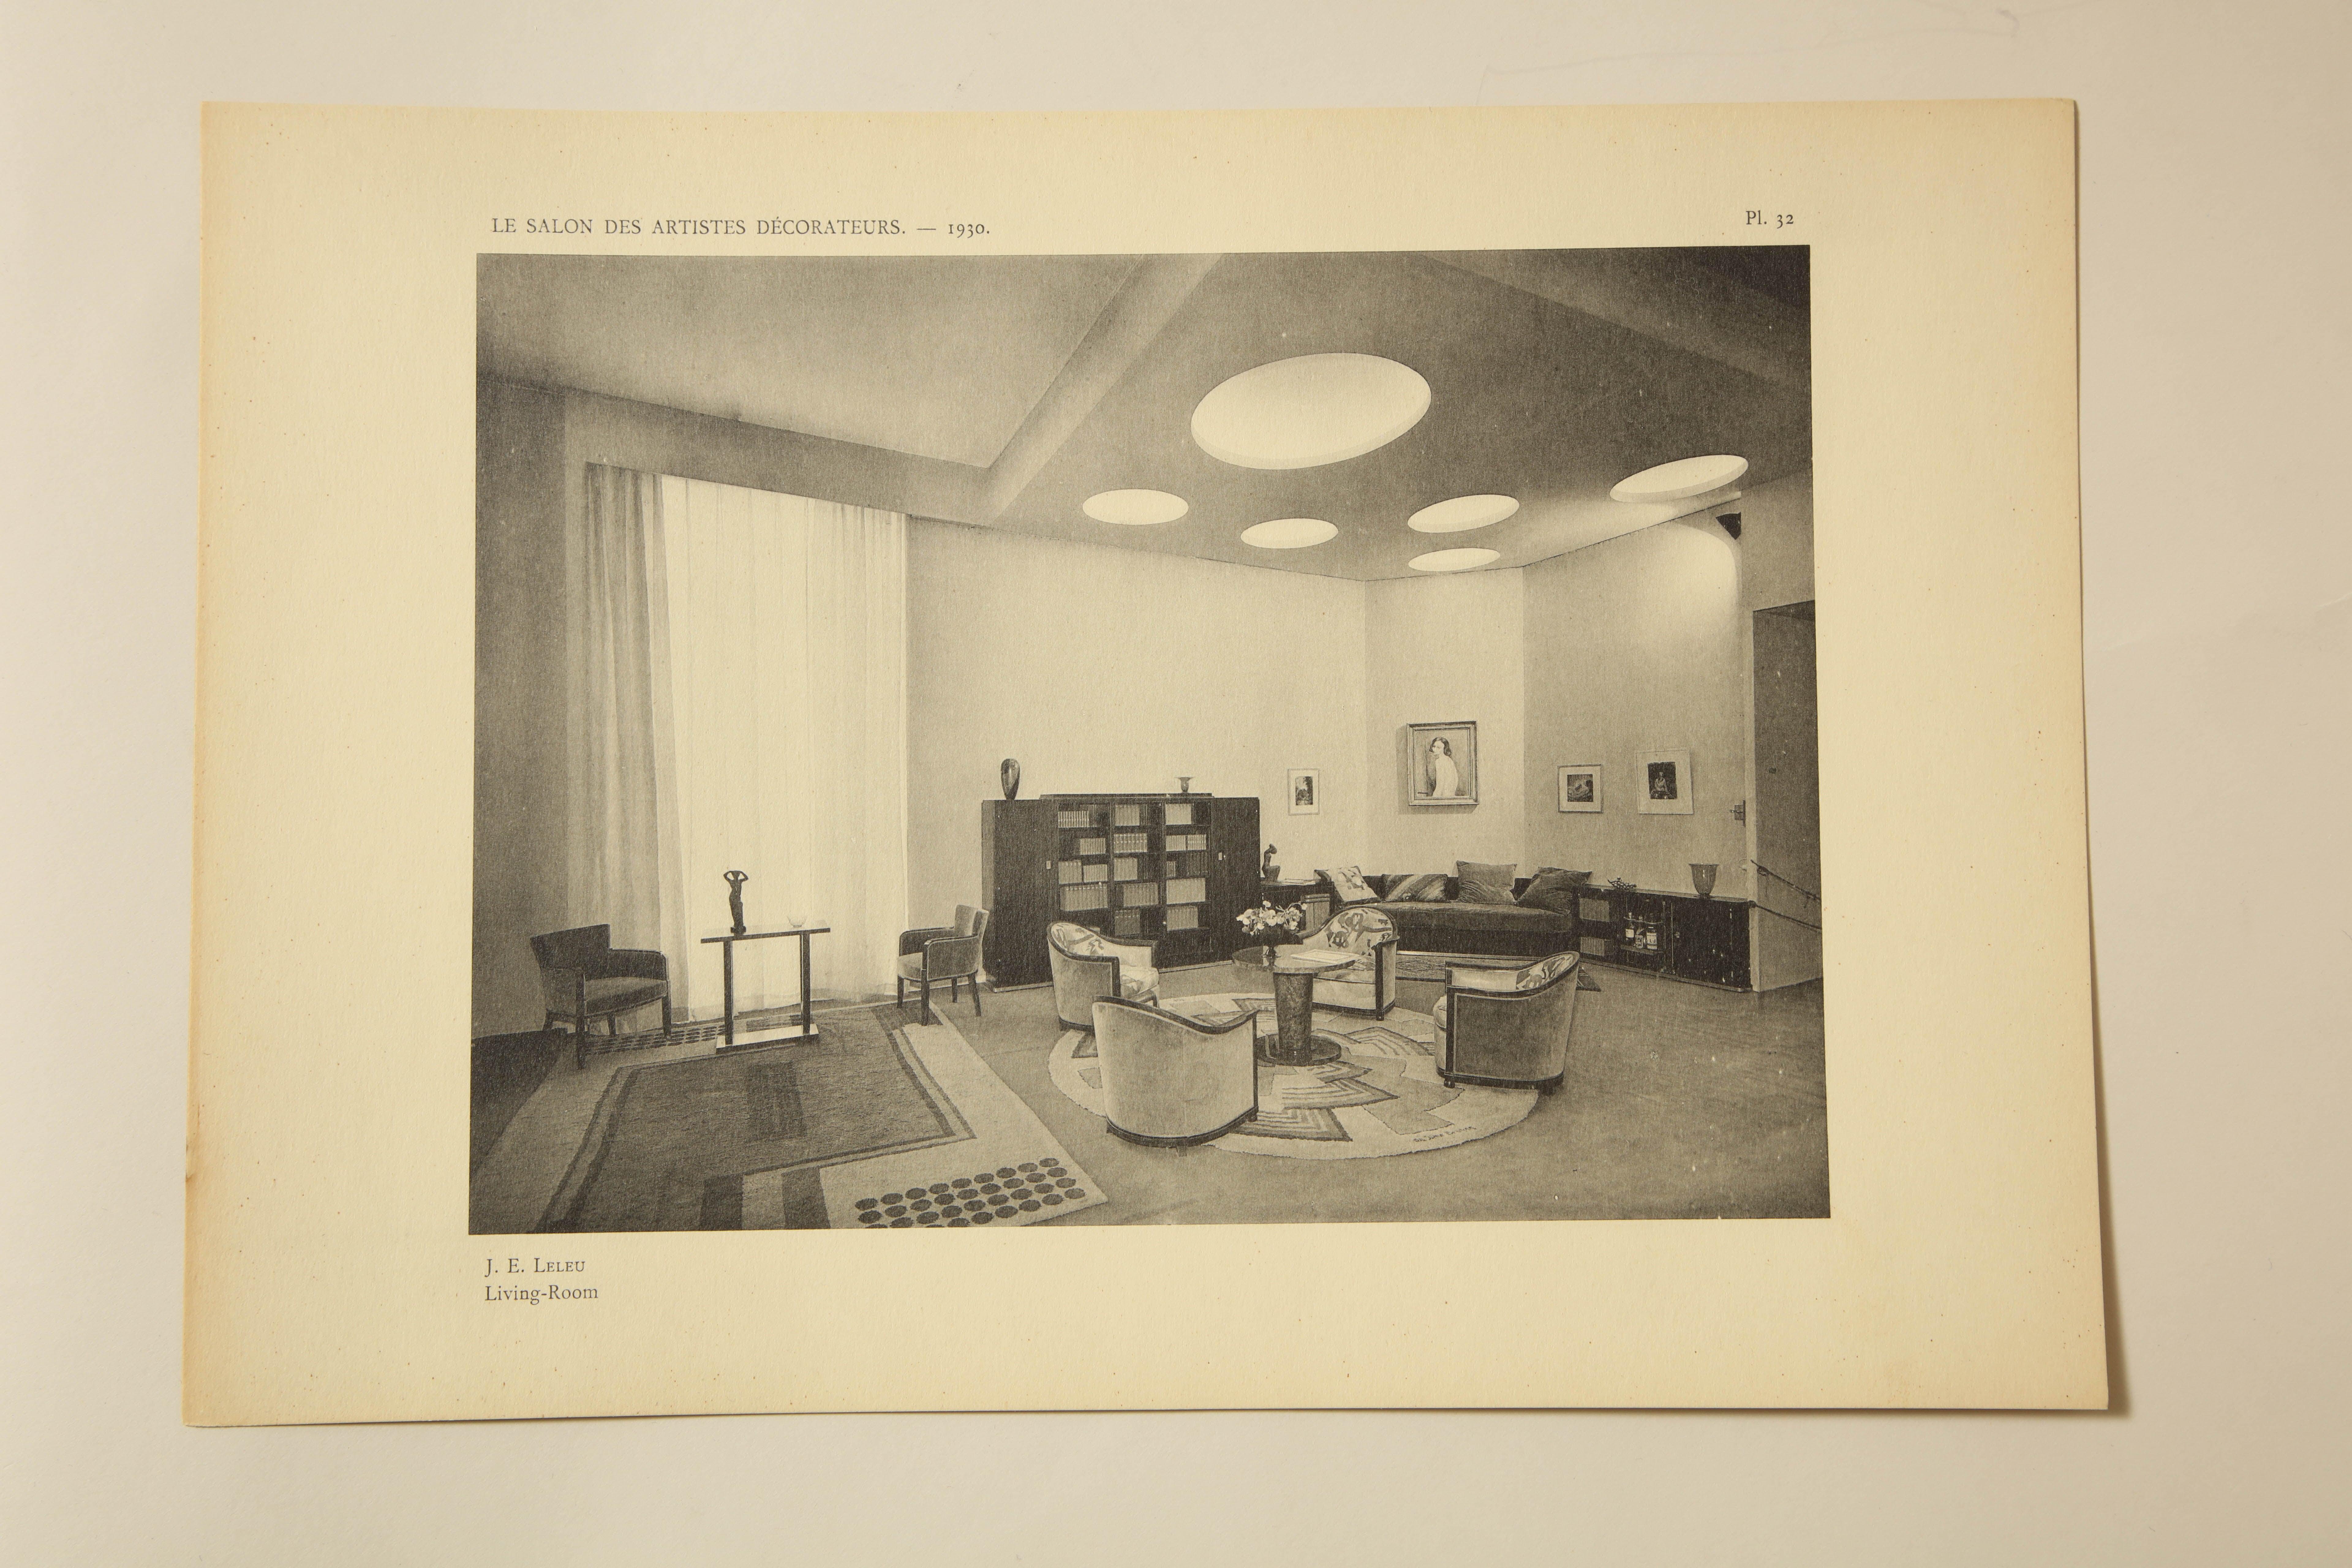 Le salon des artistes decorateurs 1930u201d by marcel chappey for sale